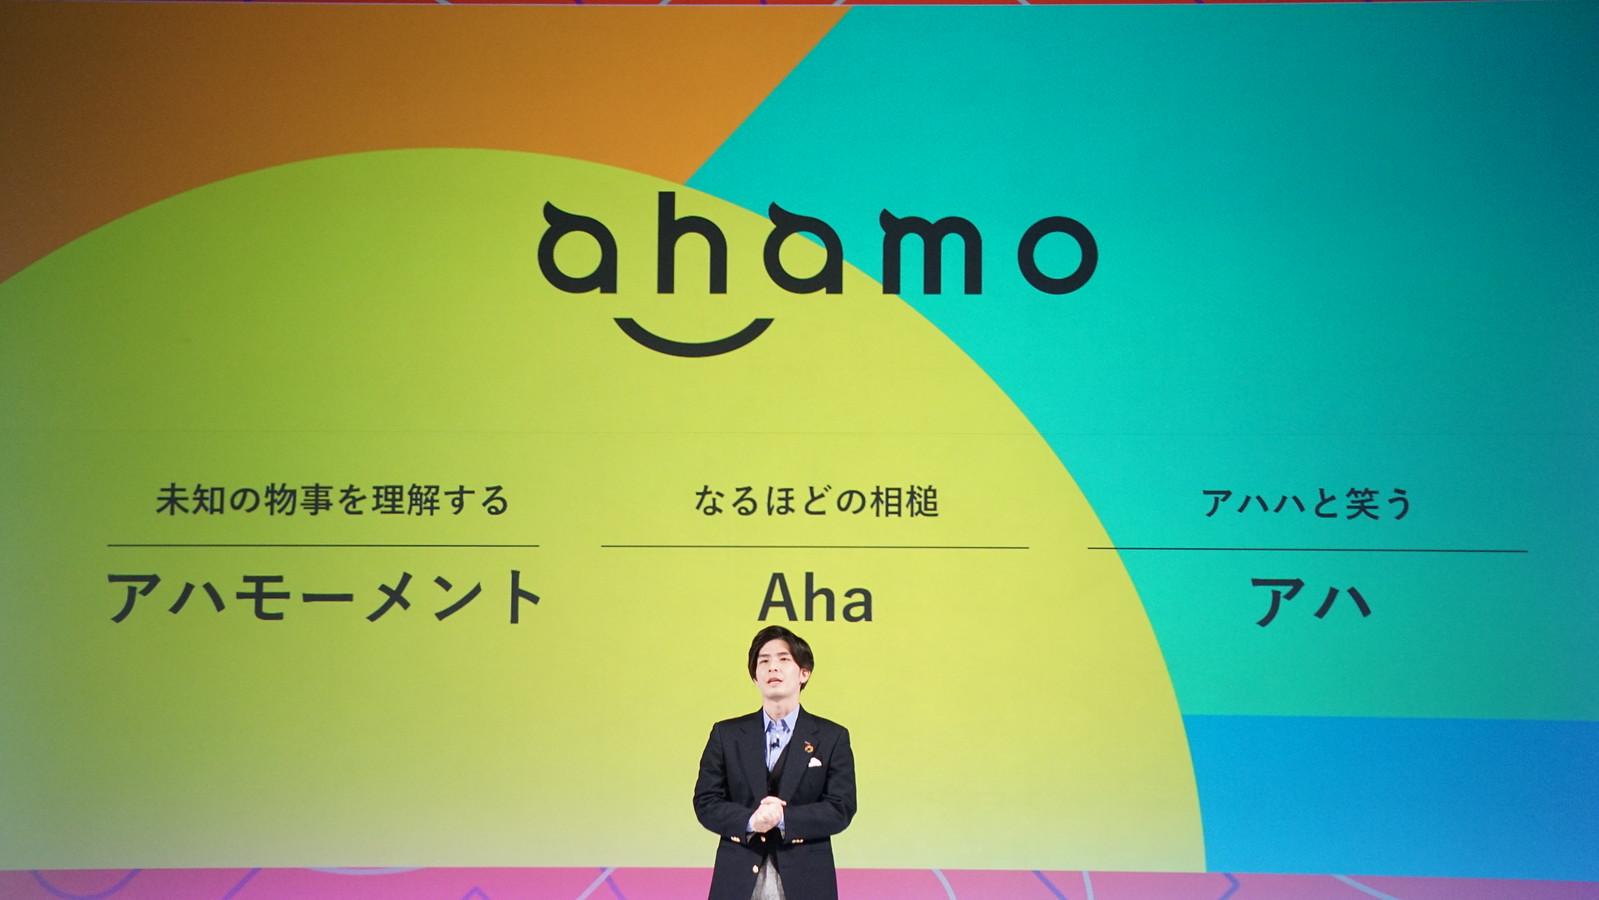 ドコモ、ahamoを3月26日開始。対応端末は1日発表